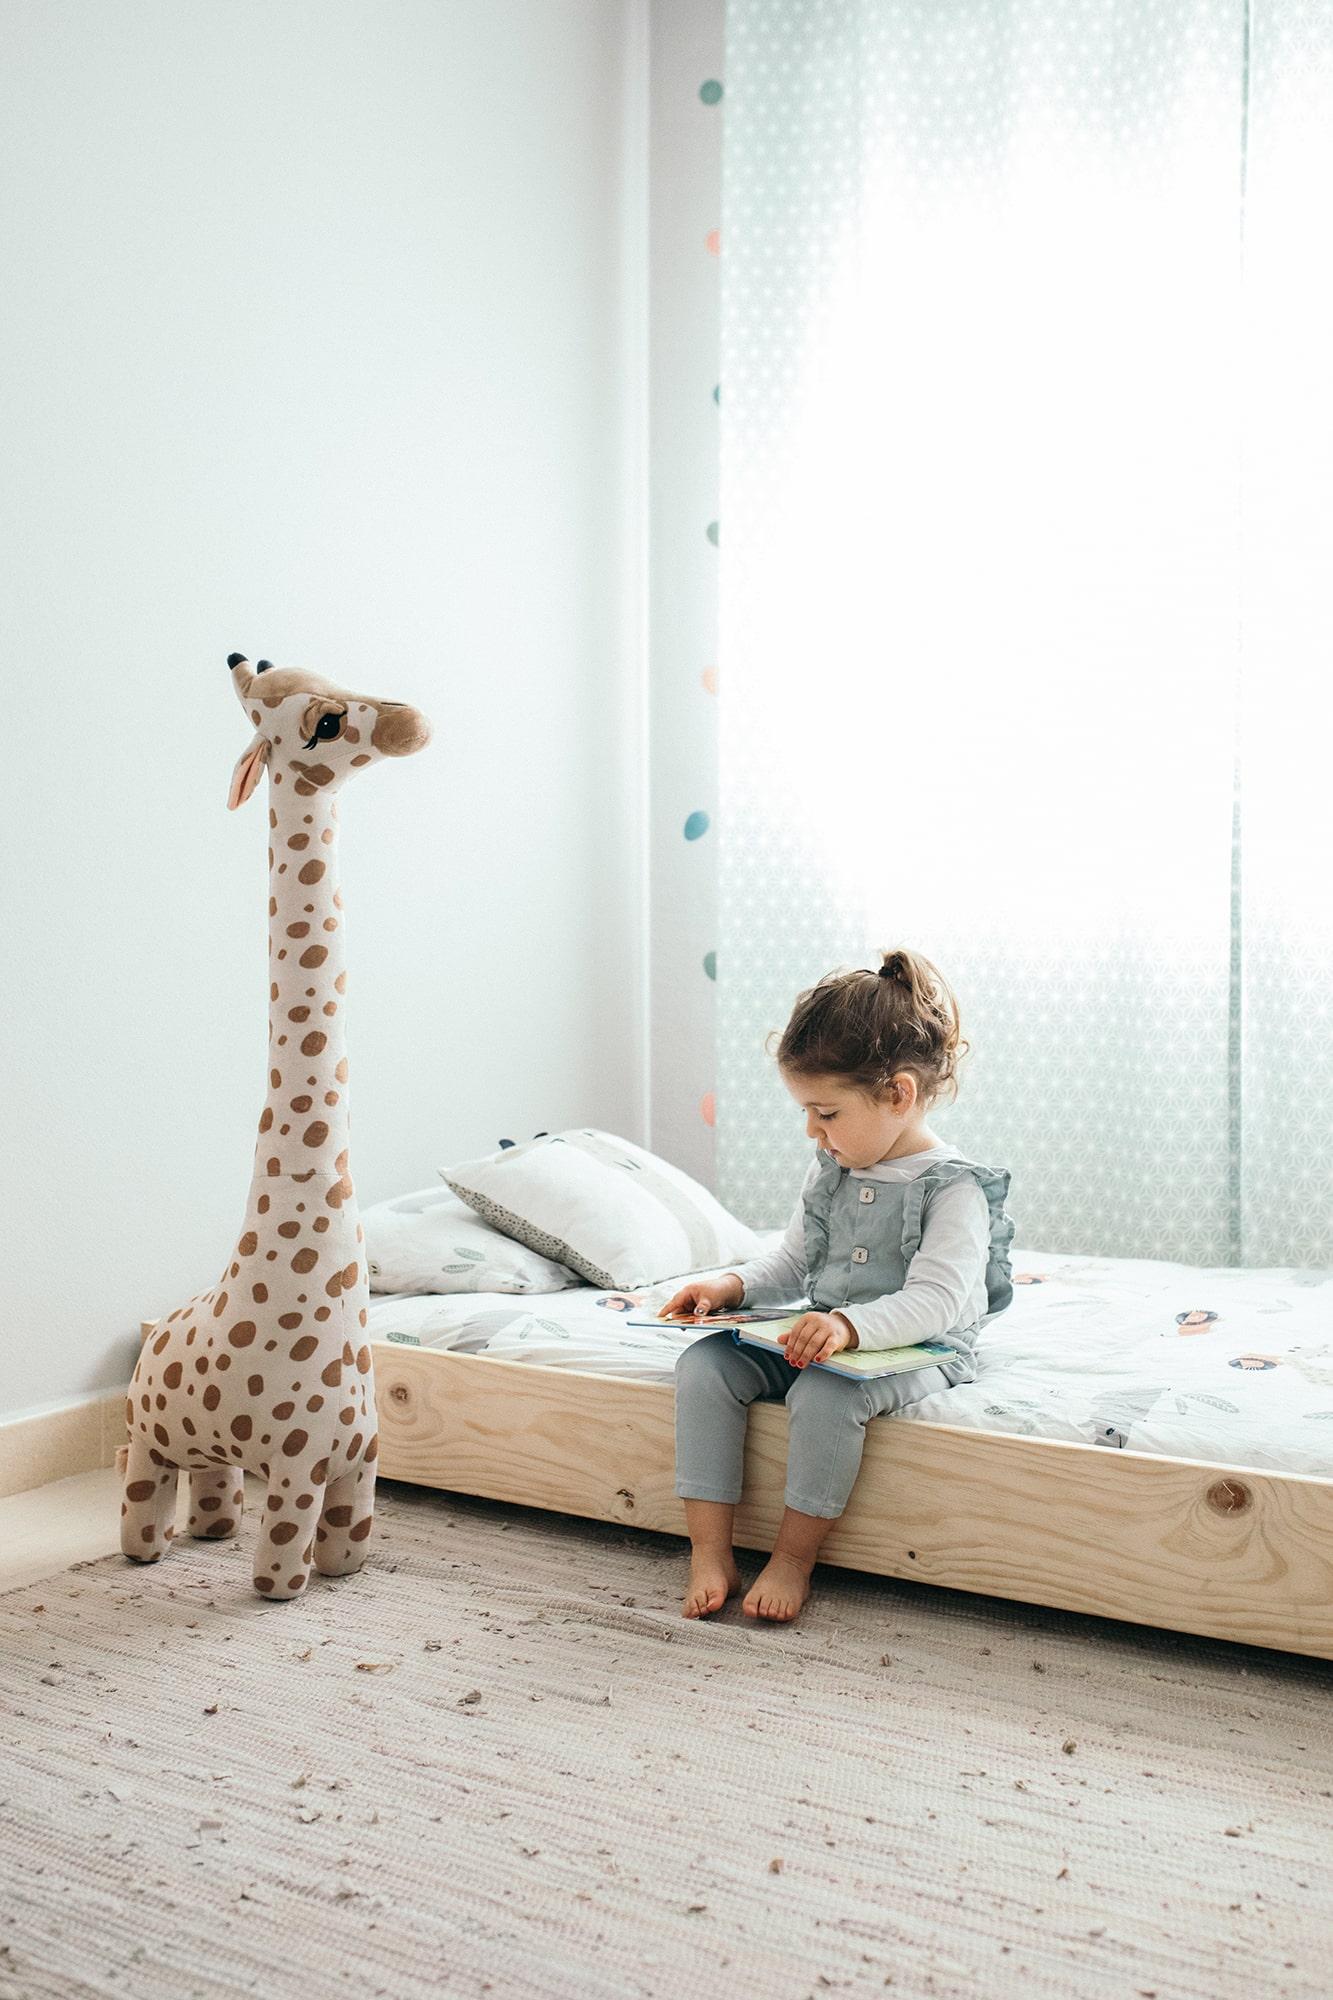 fotografía dormitorio infantil